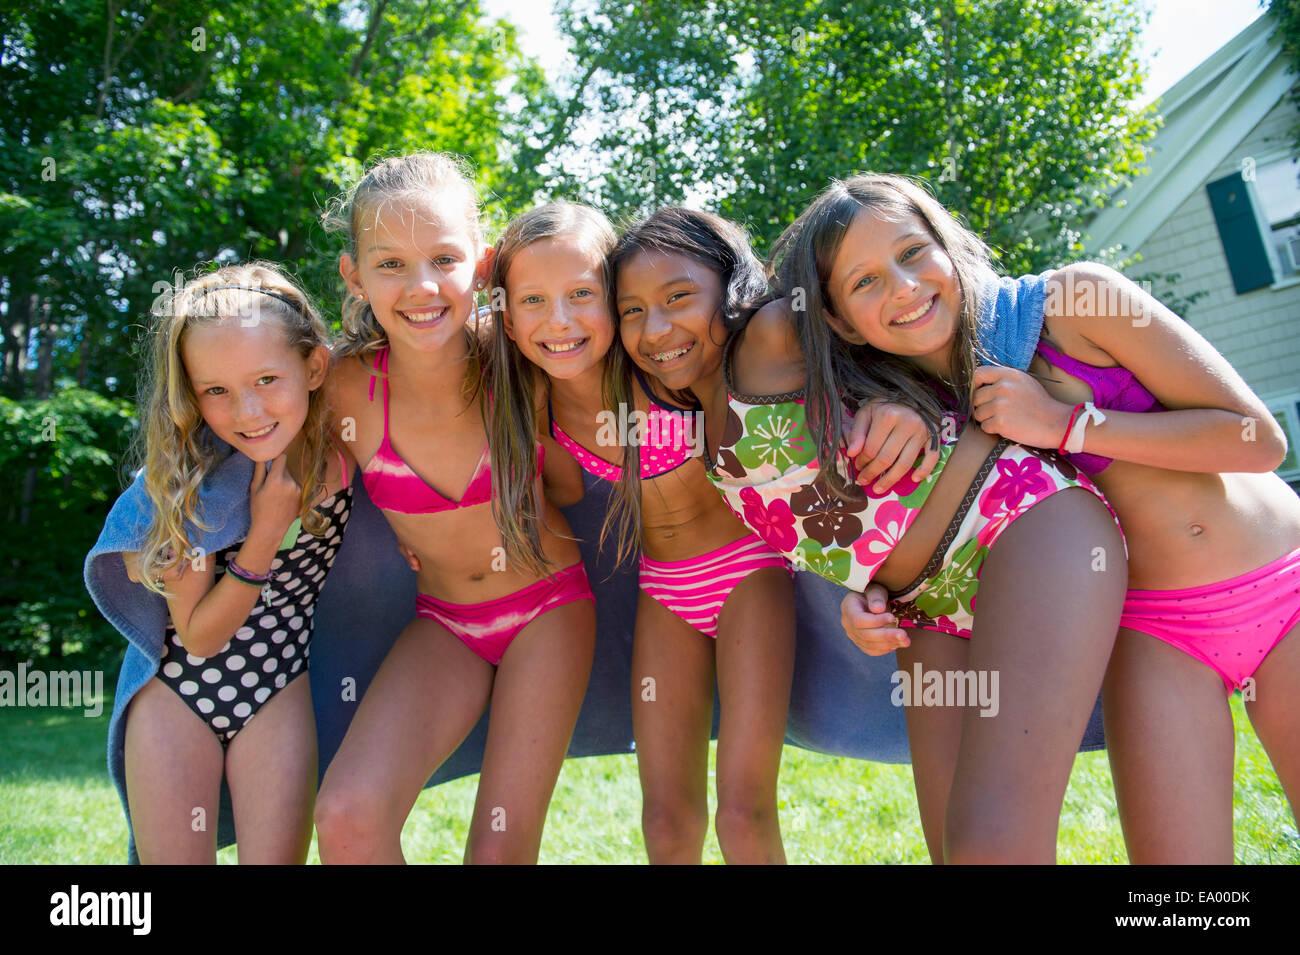 Mädchen im Badeanzug, Handtuch eingewickelt Stockfoto